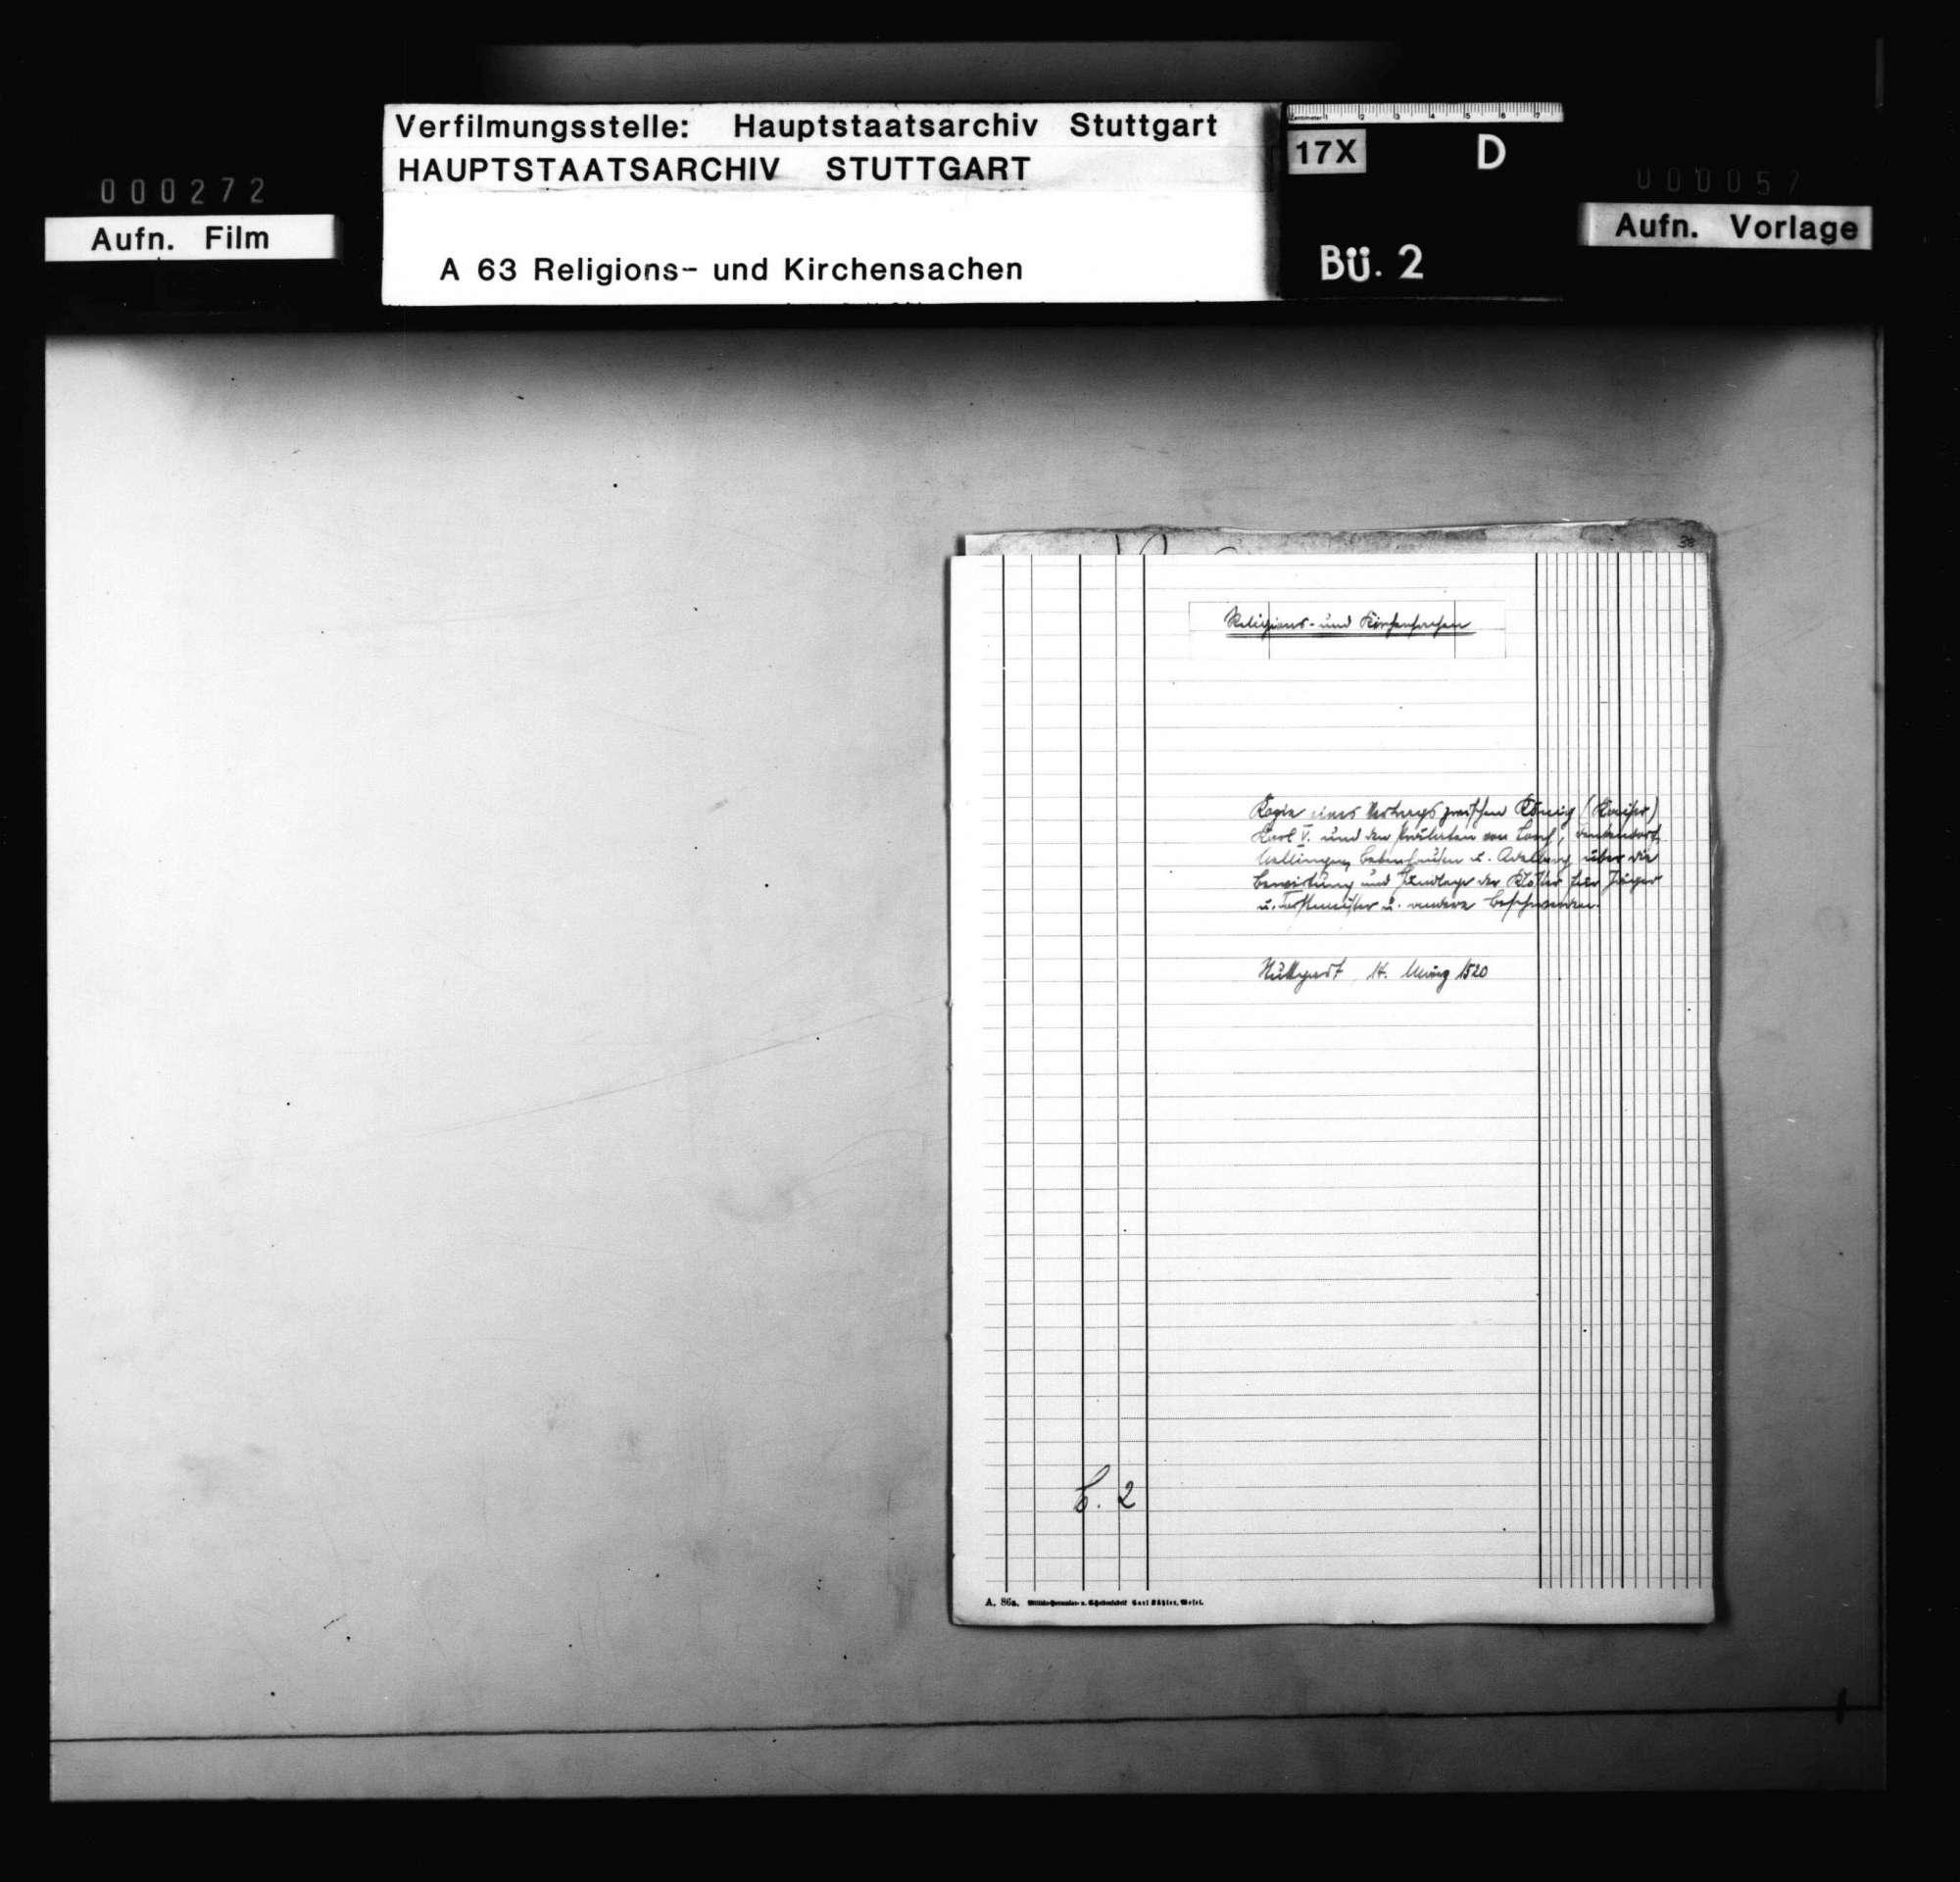 Kopie eines Vertrags zwischen König (Kaiser) Karl V. und den Prälaten von Lorch, Denkendorf, Nellingen, Bebenhausen und Adelberg, Bild 1